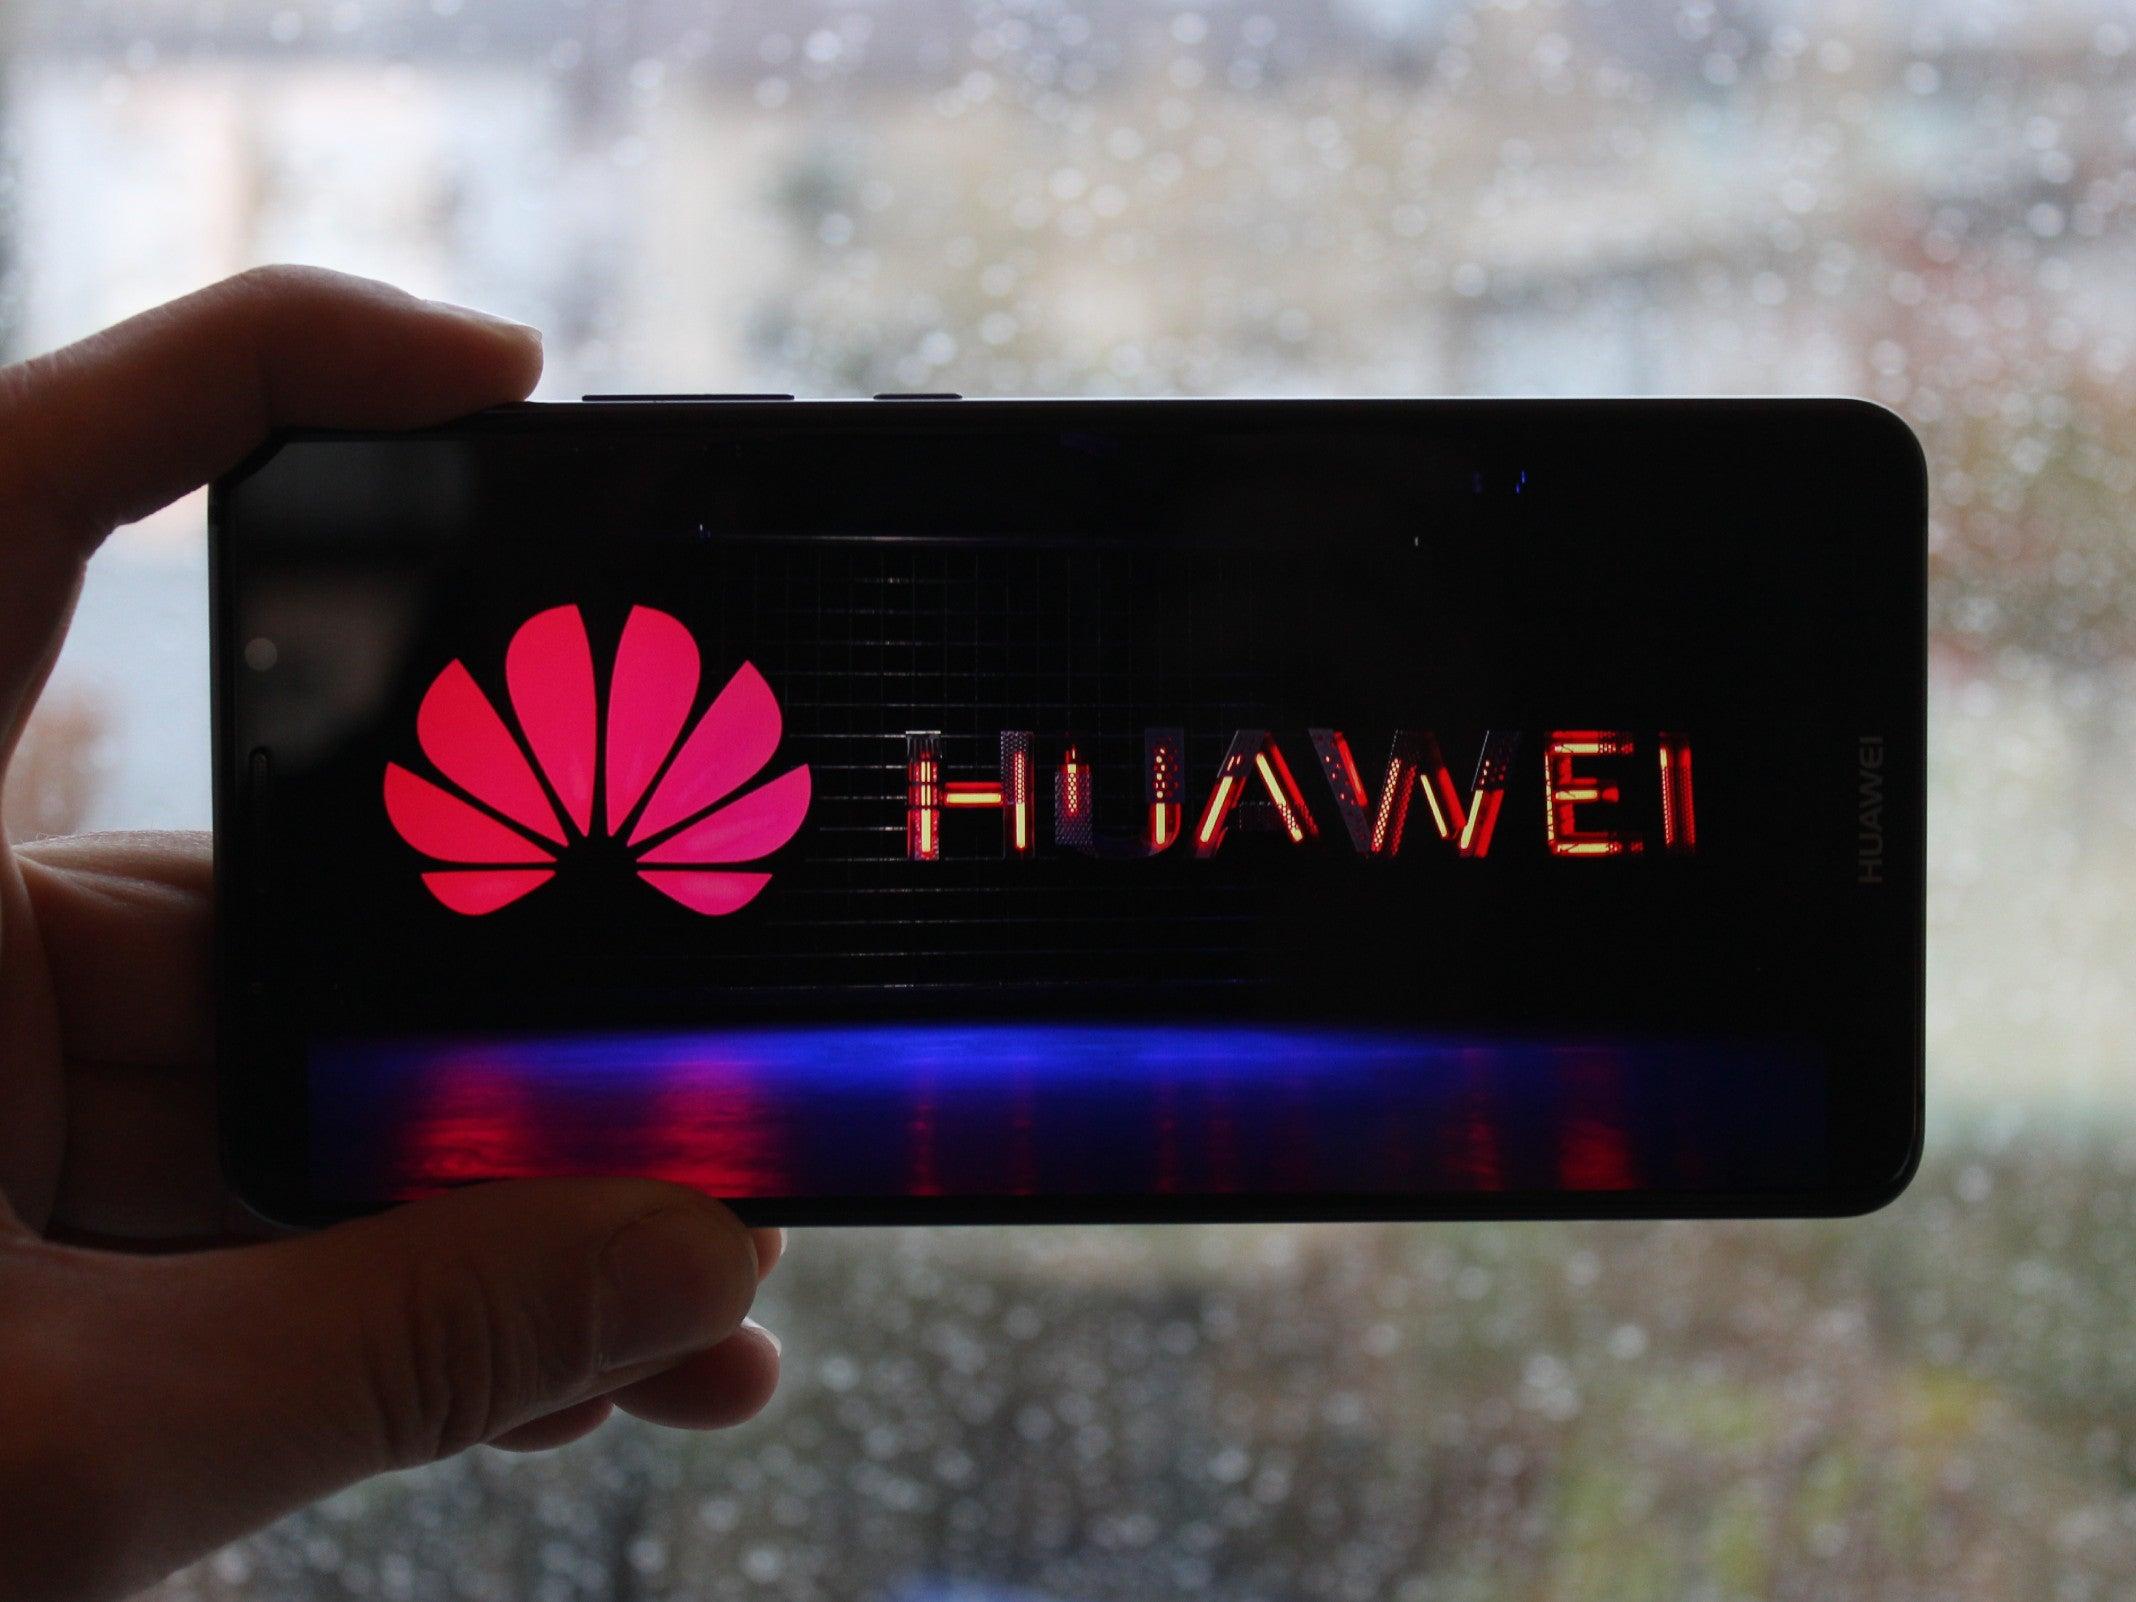 Huawei Mate 10 Pro in der Hand vor verregneter Scheibe